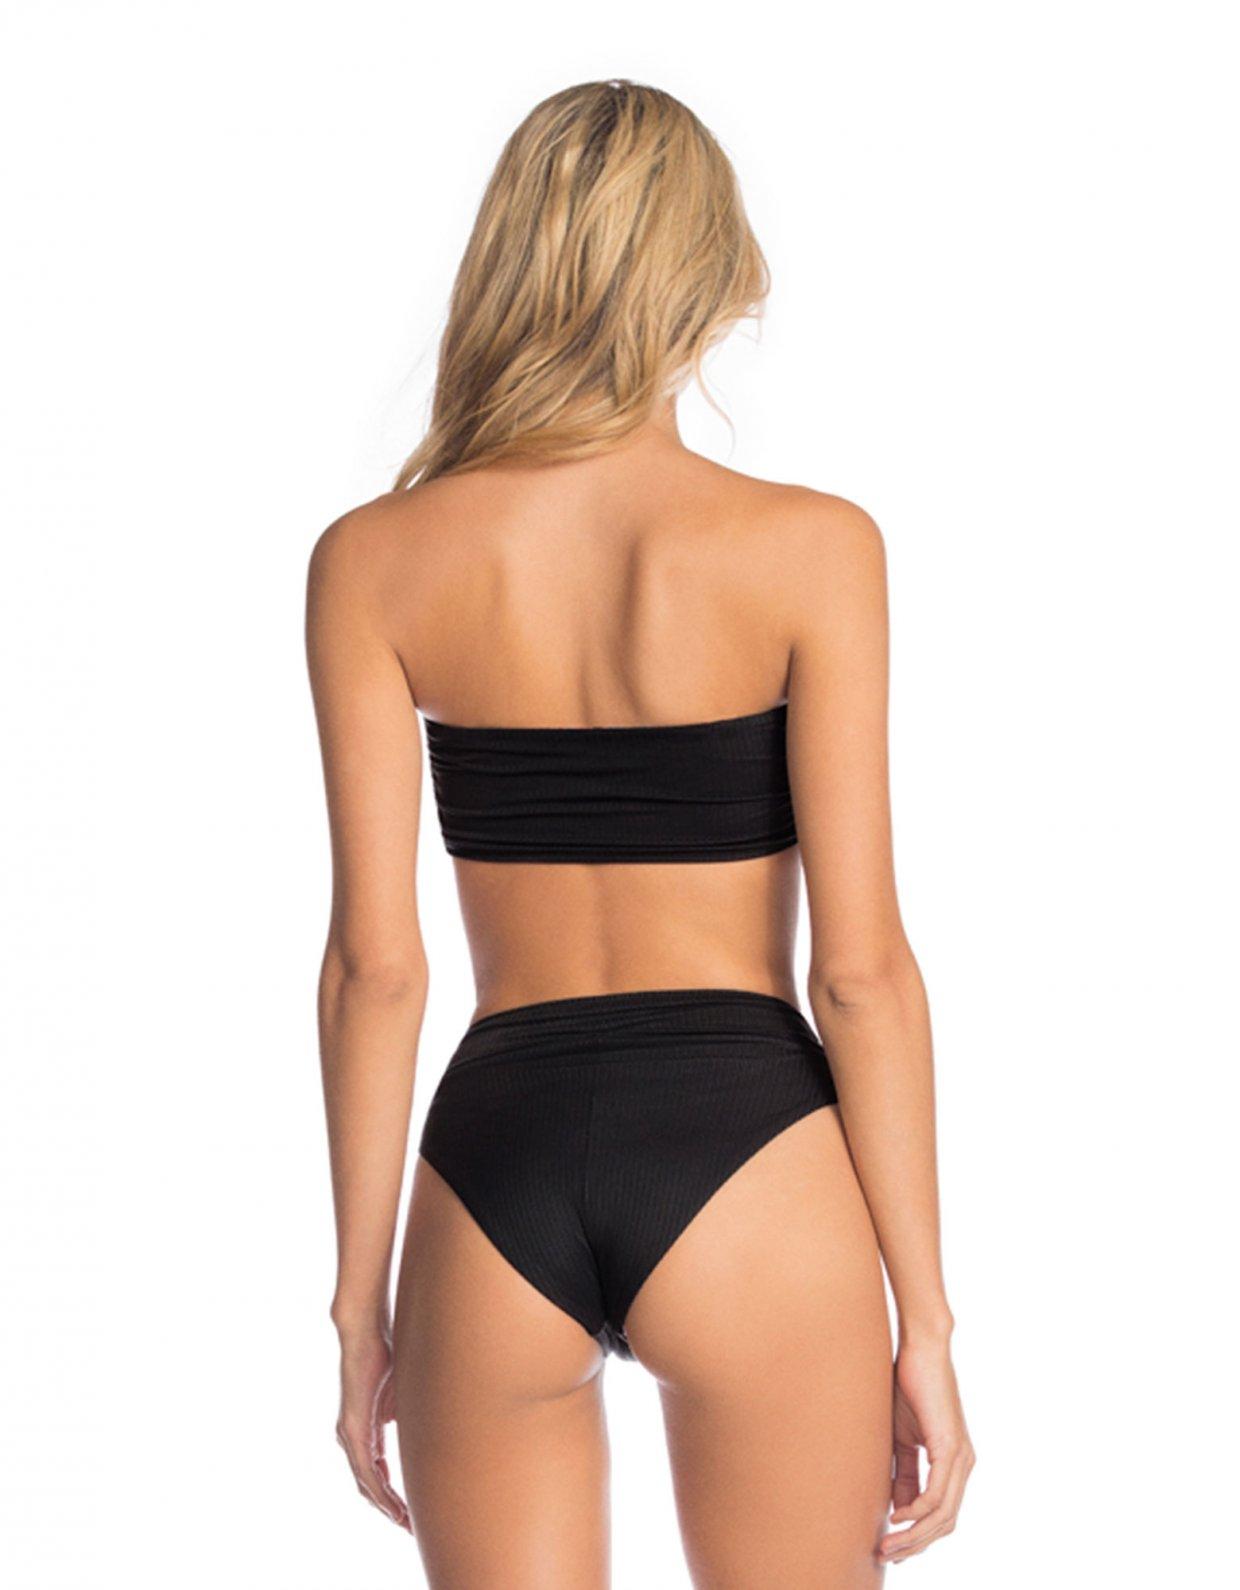 Maaji Black Onyx Suzy Q bikini